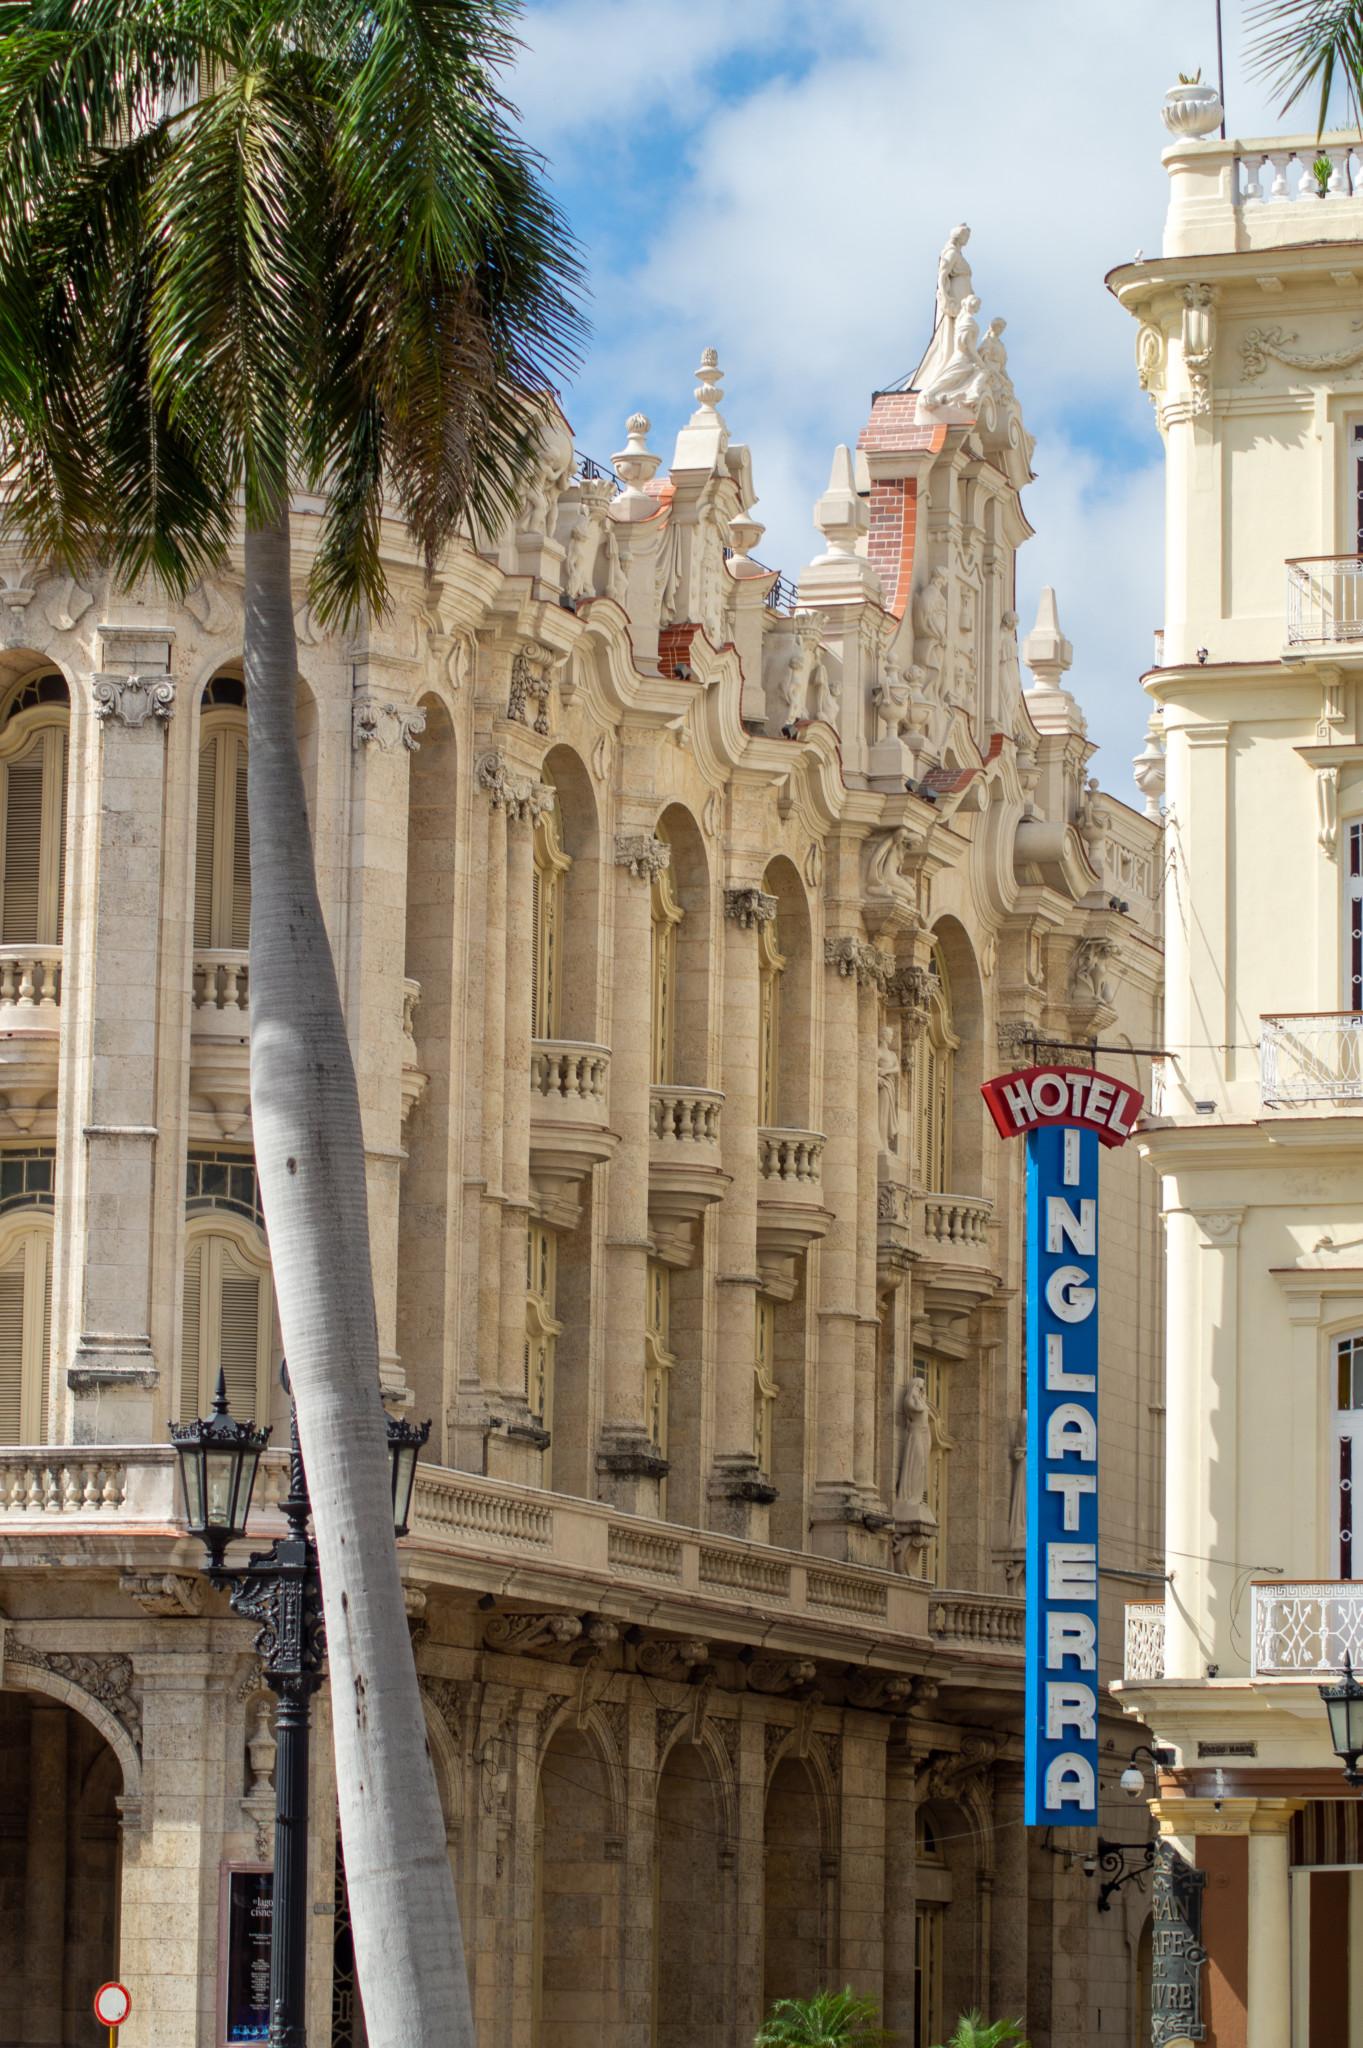 Das Hotel Inglaterra gehört ebenfalls zu den Havanna Sehenswürdigkeiten